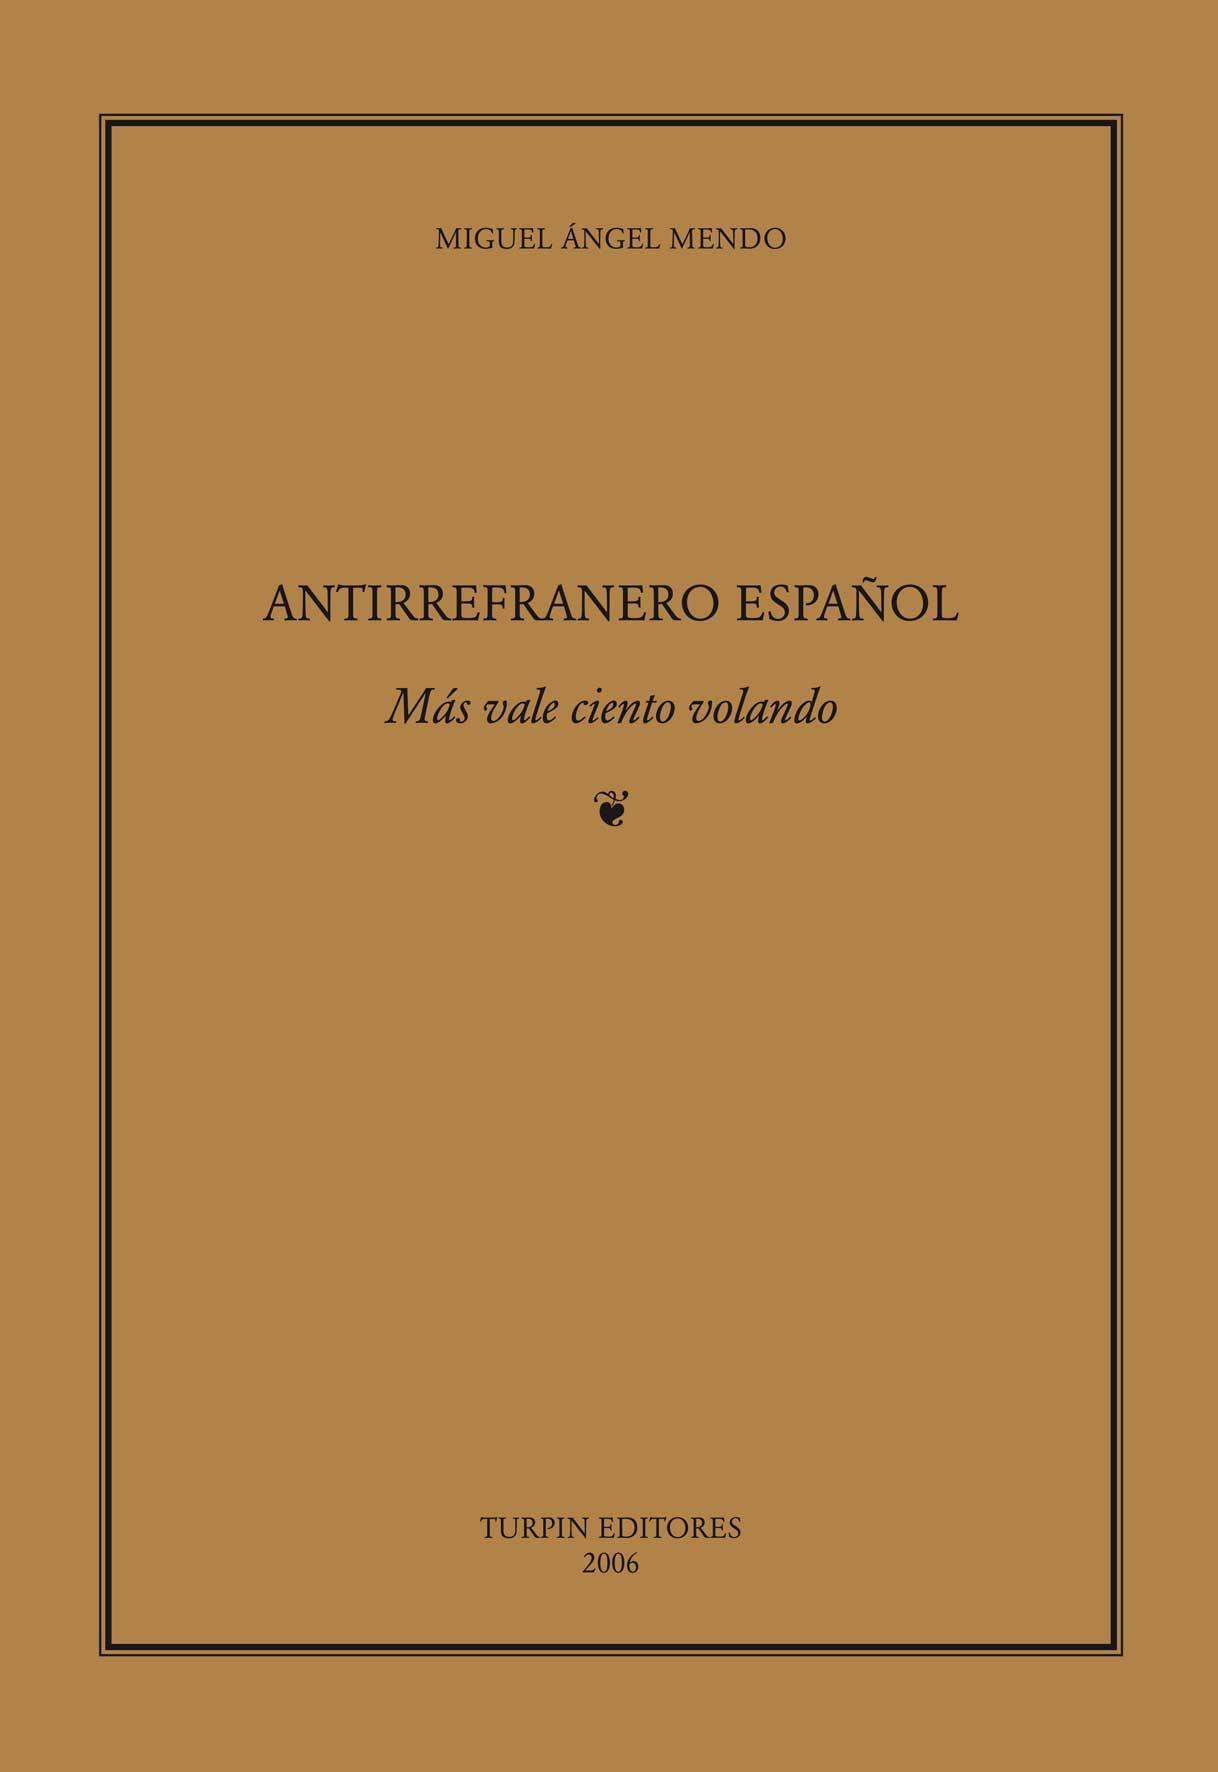 Antirrefranero españolMiguel Ángel Mendo